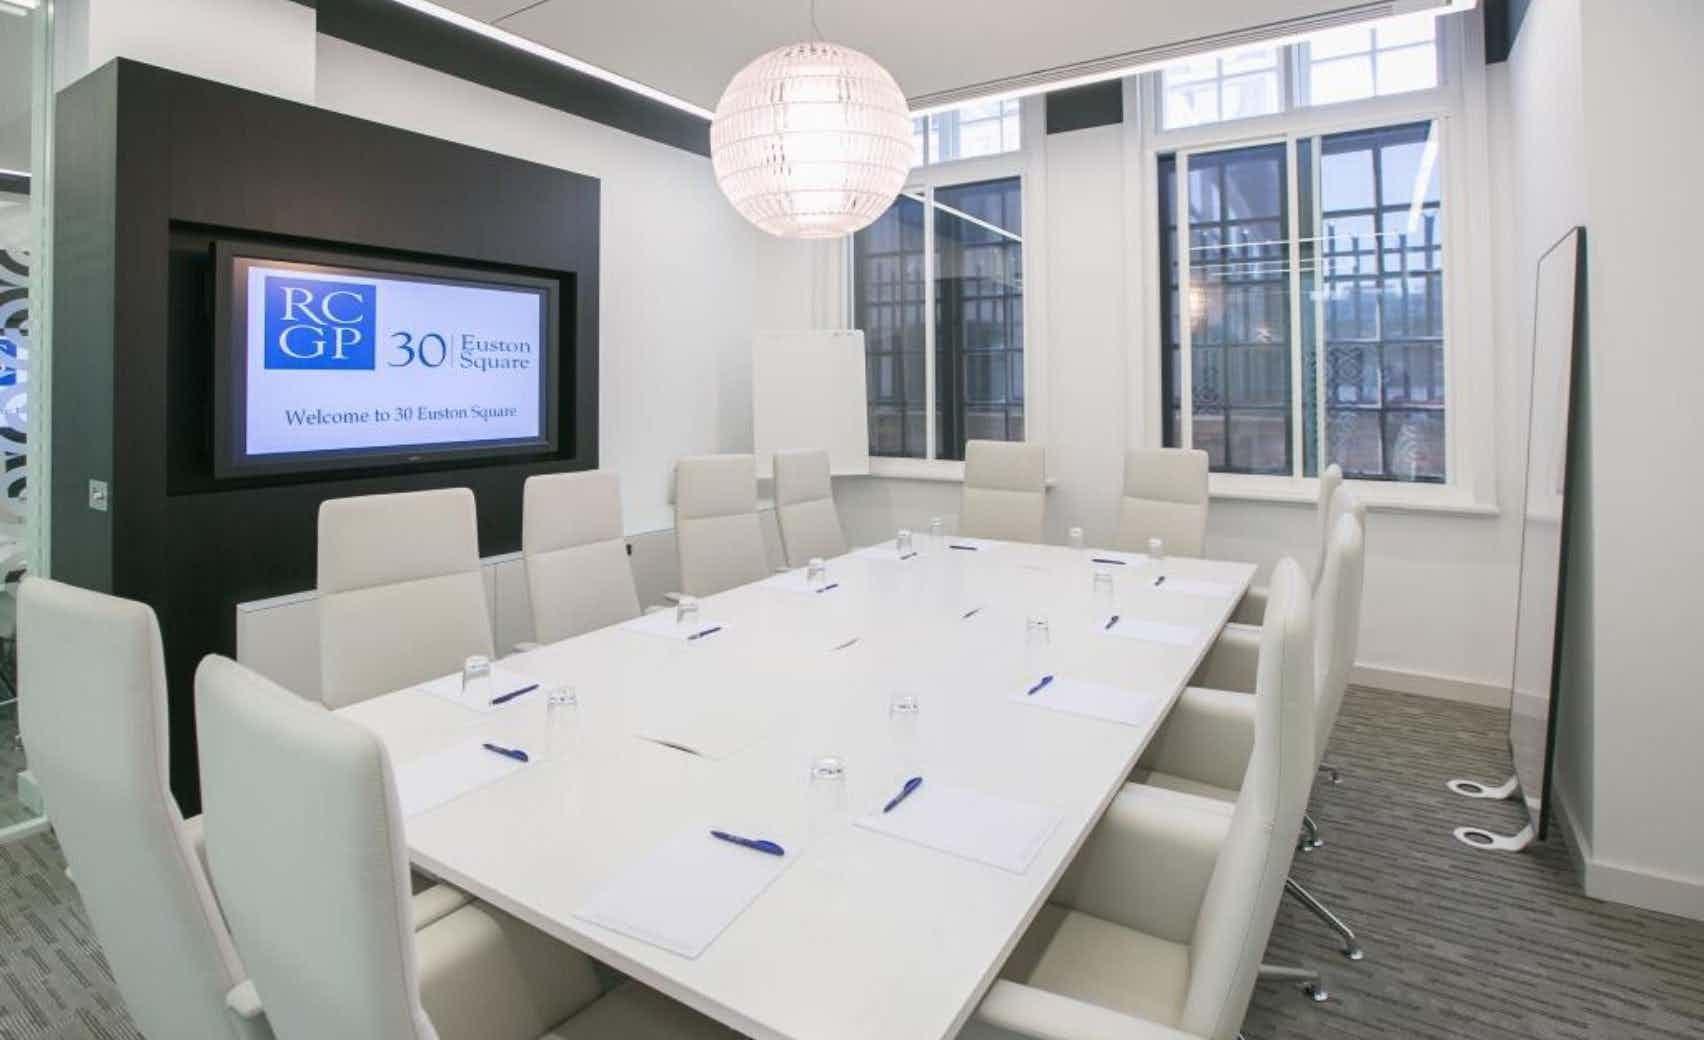 Ground Floor Meeting Room 6, 30 Euston Square